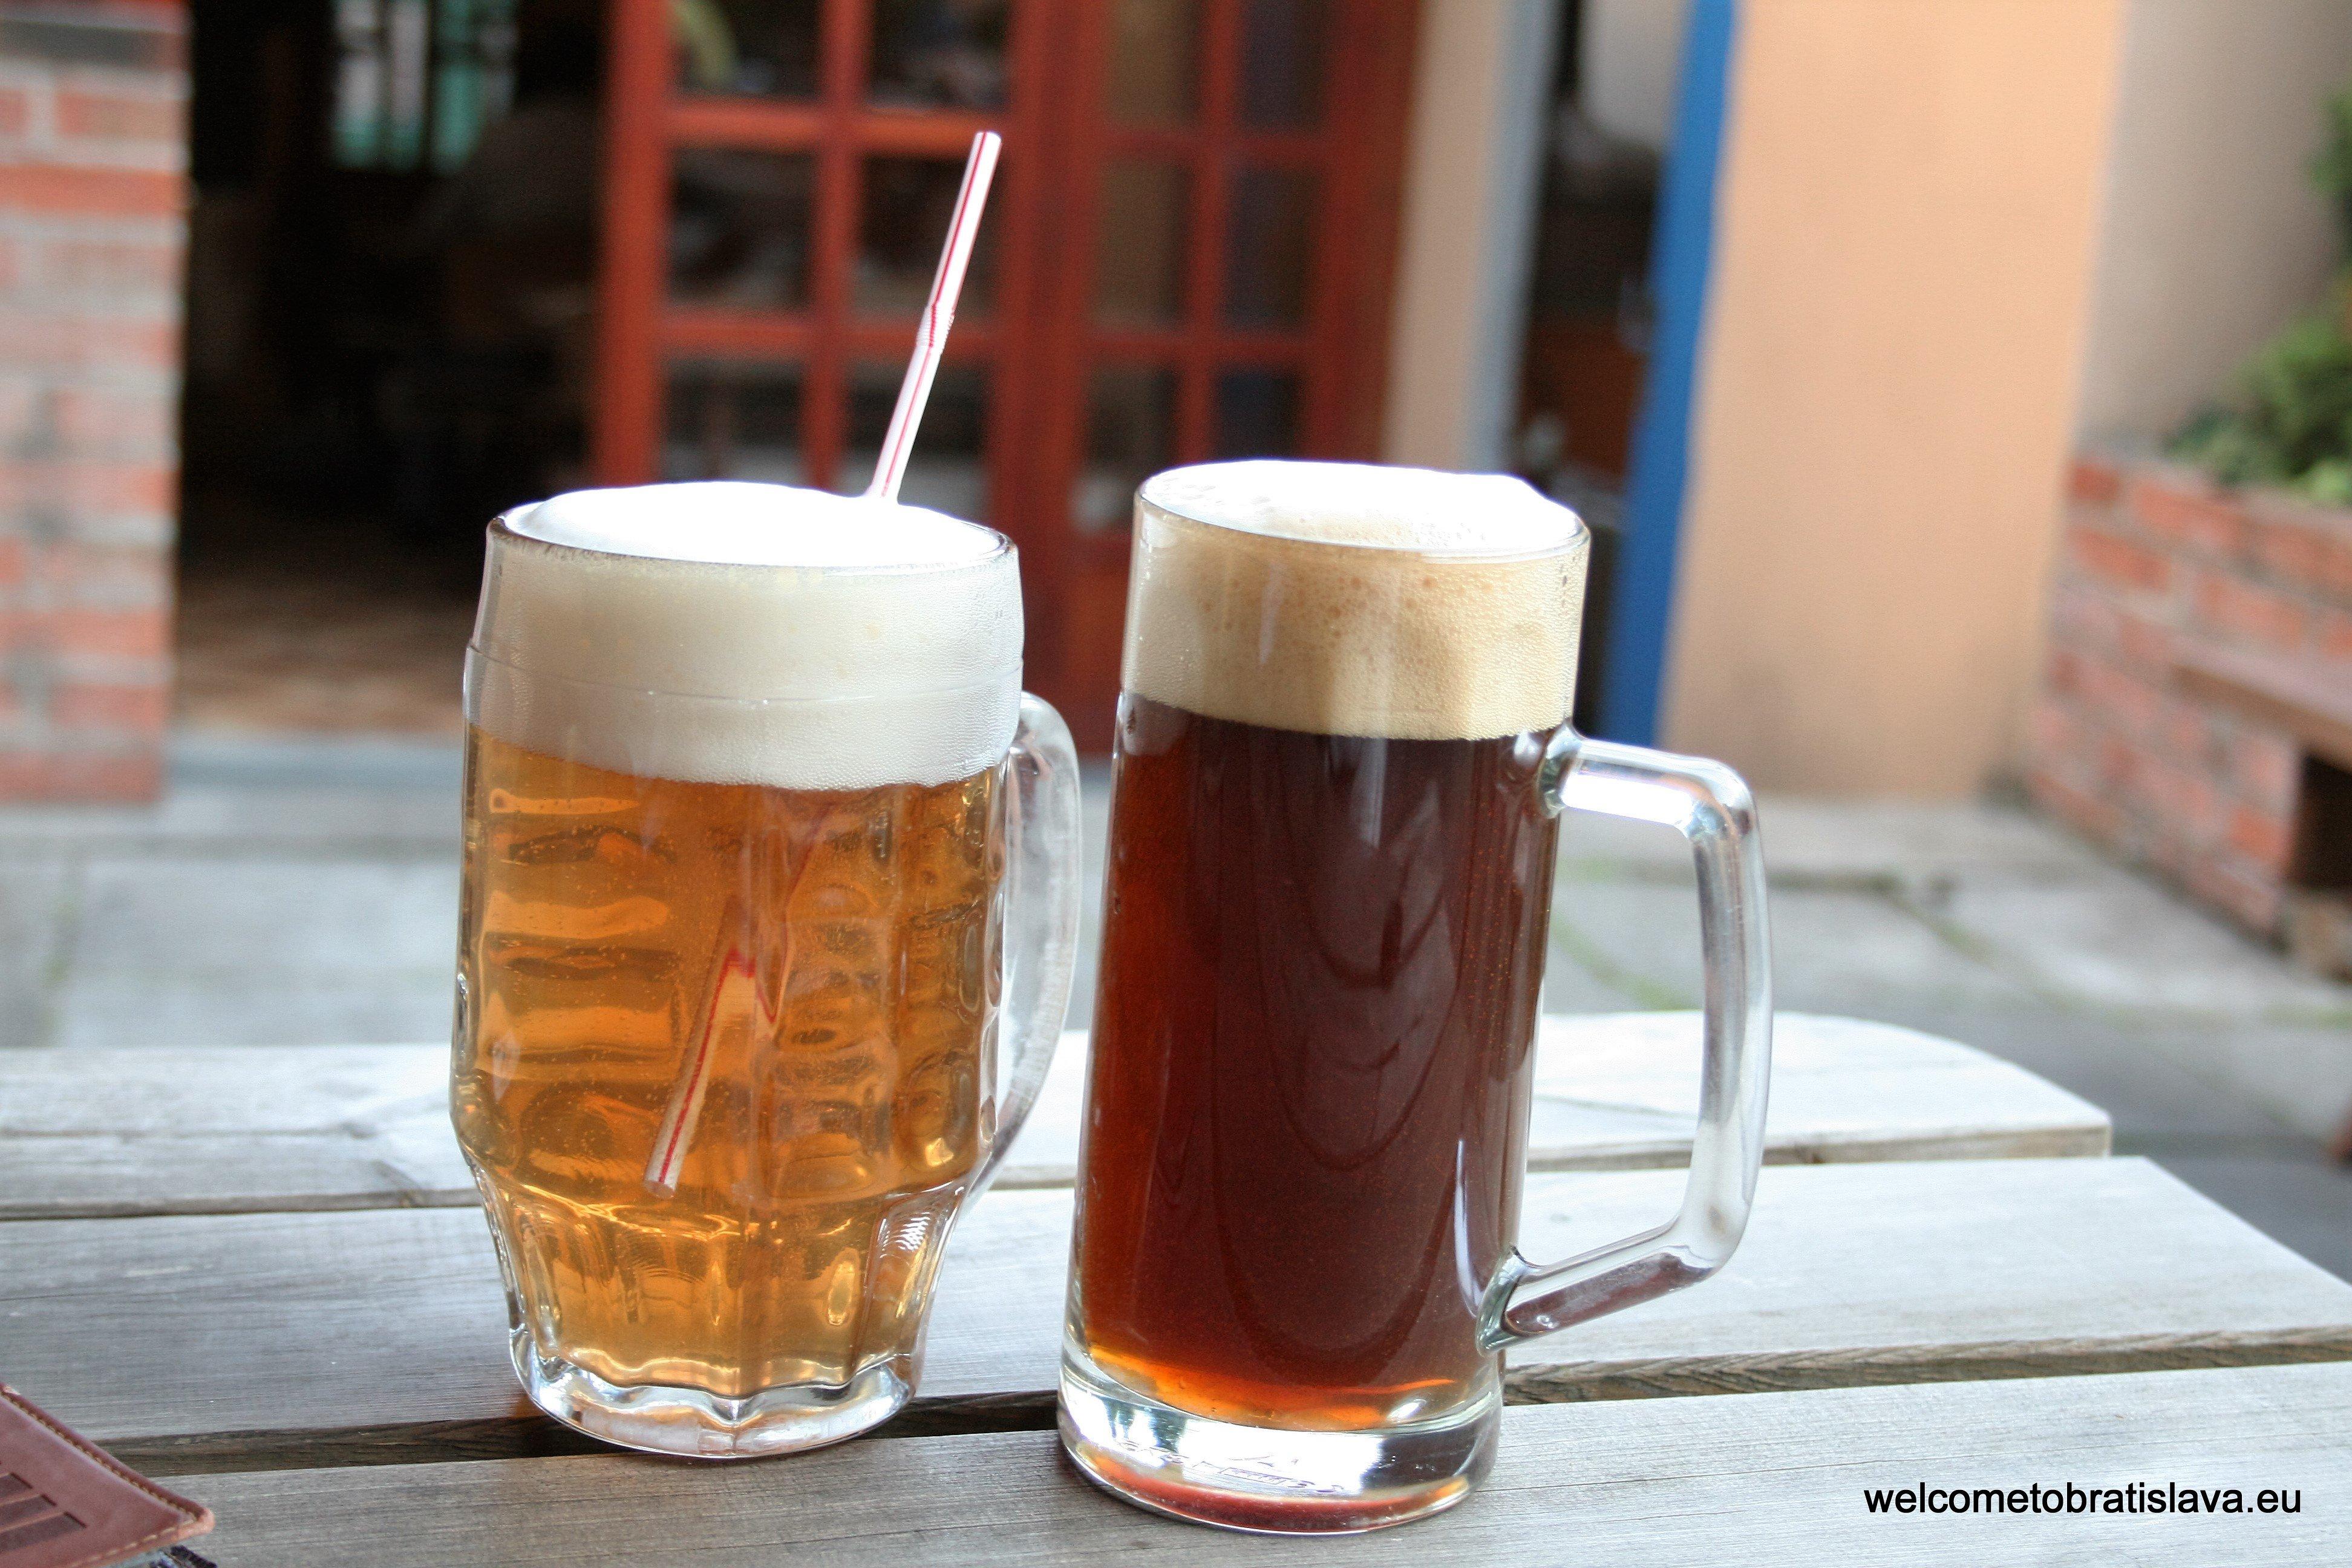 Best beer places in Bratislava - Starosloviensky pivovar